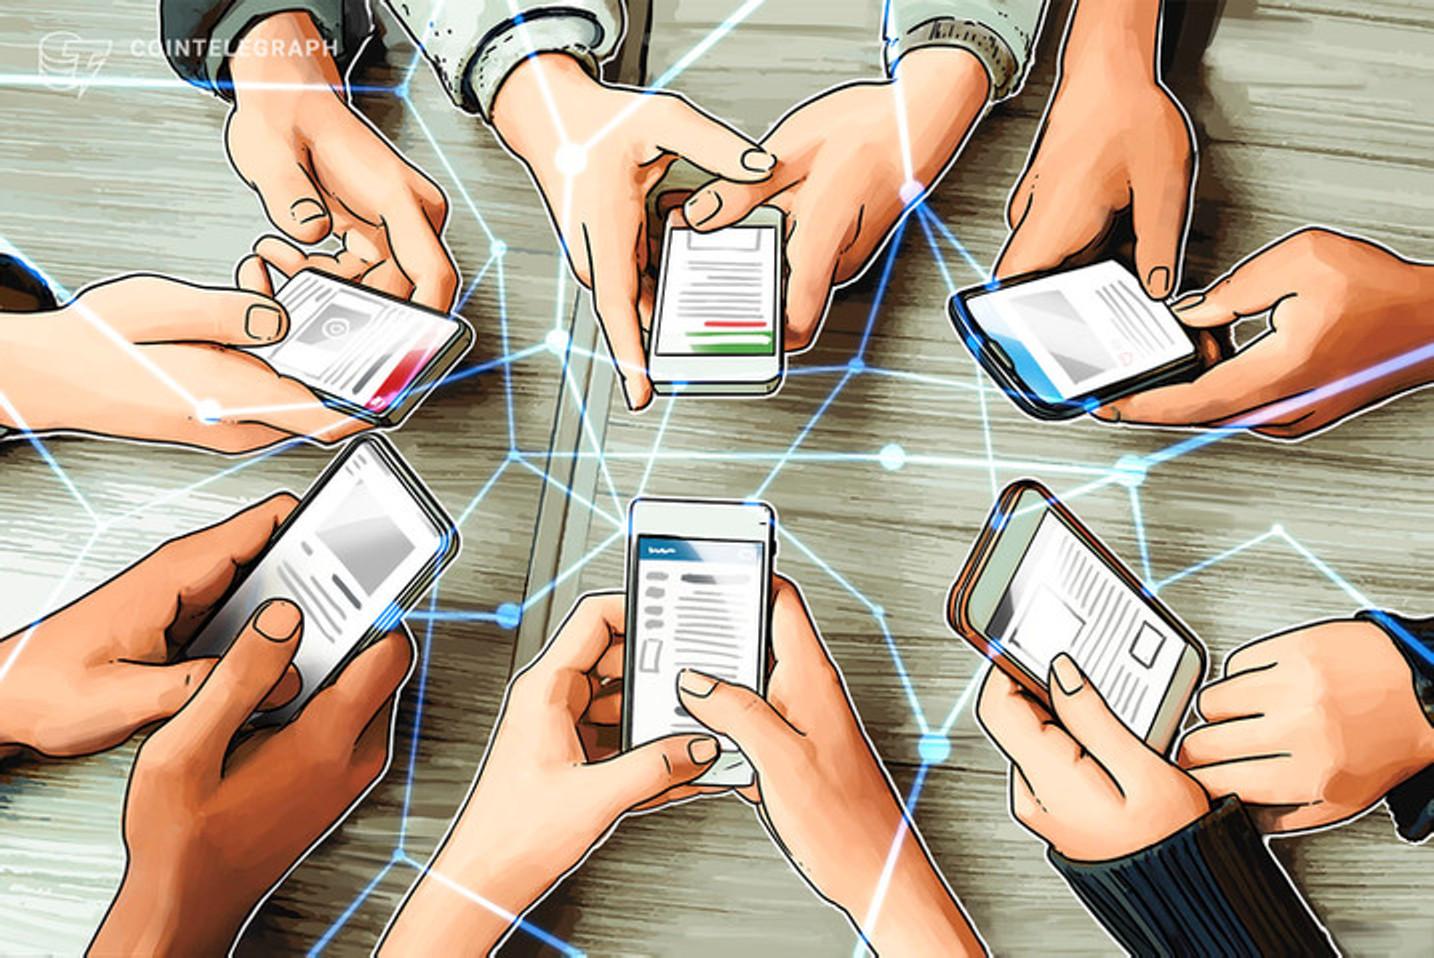 Exchange brasileira NovaDAX será a primeira a integrar o PIX, que pode 'acabar com o TED e cartão de débito'